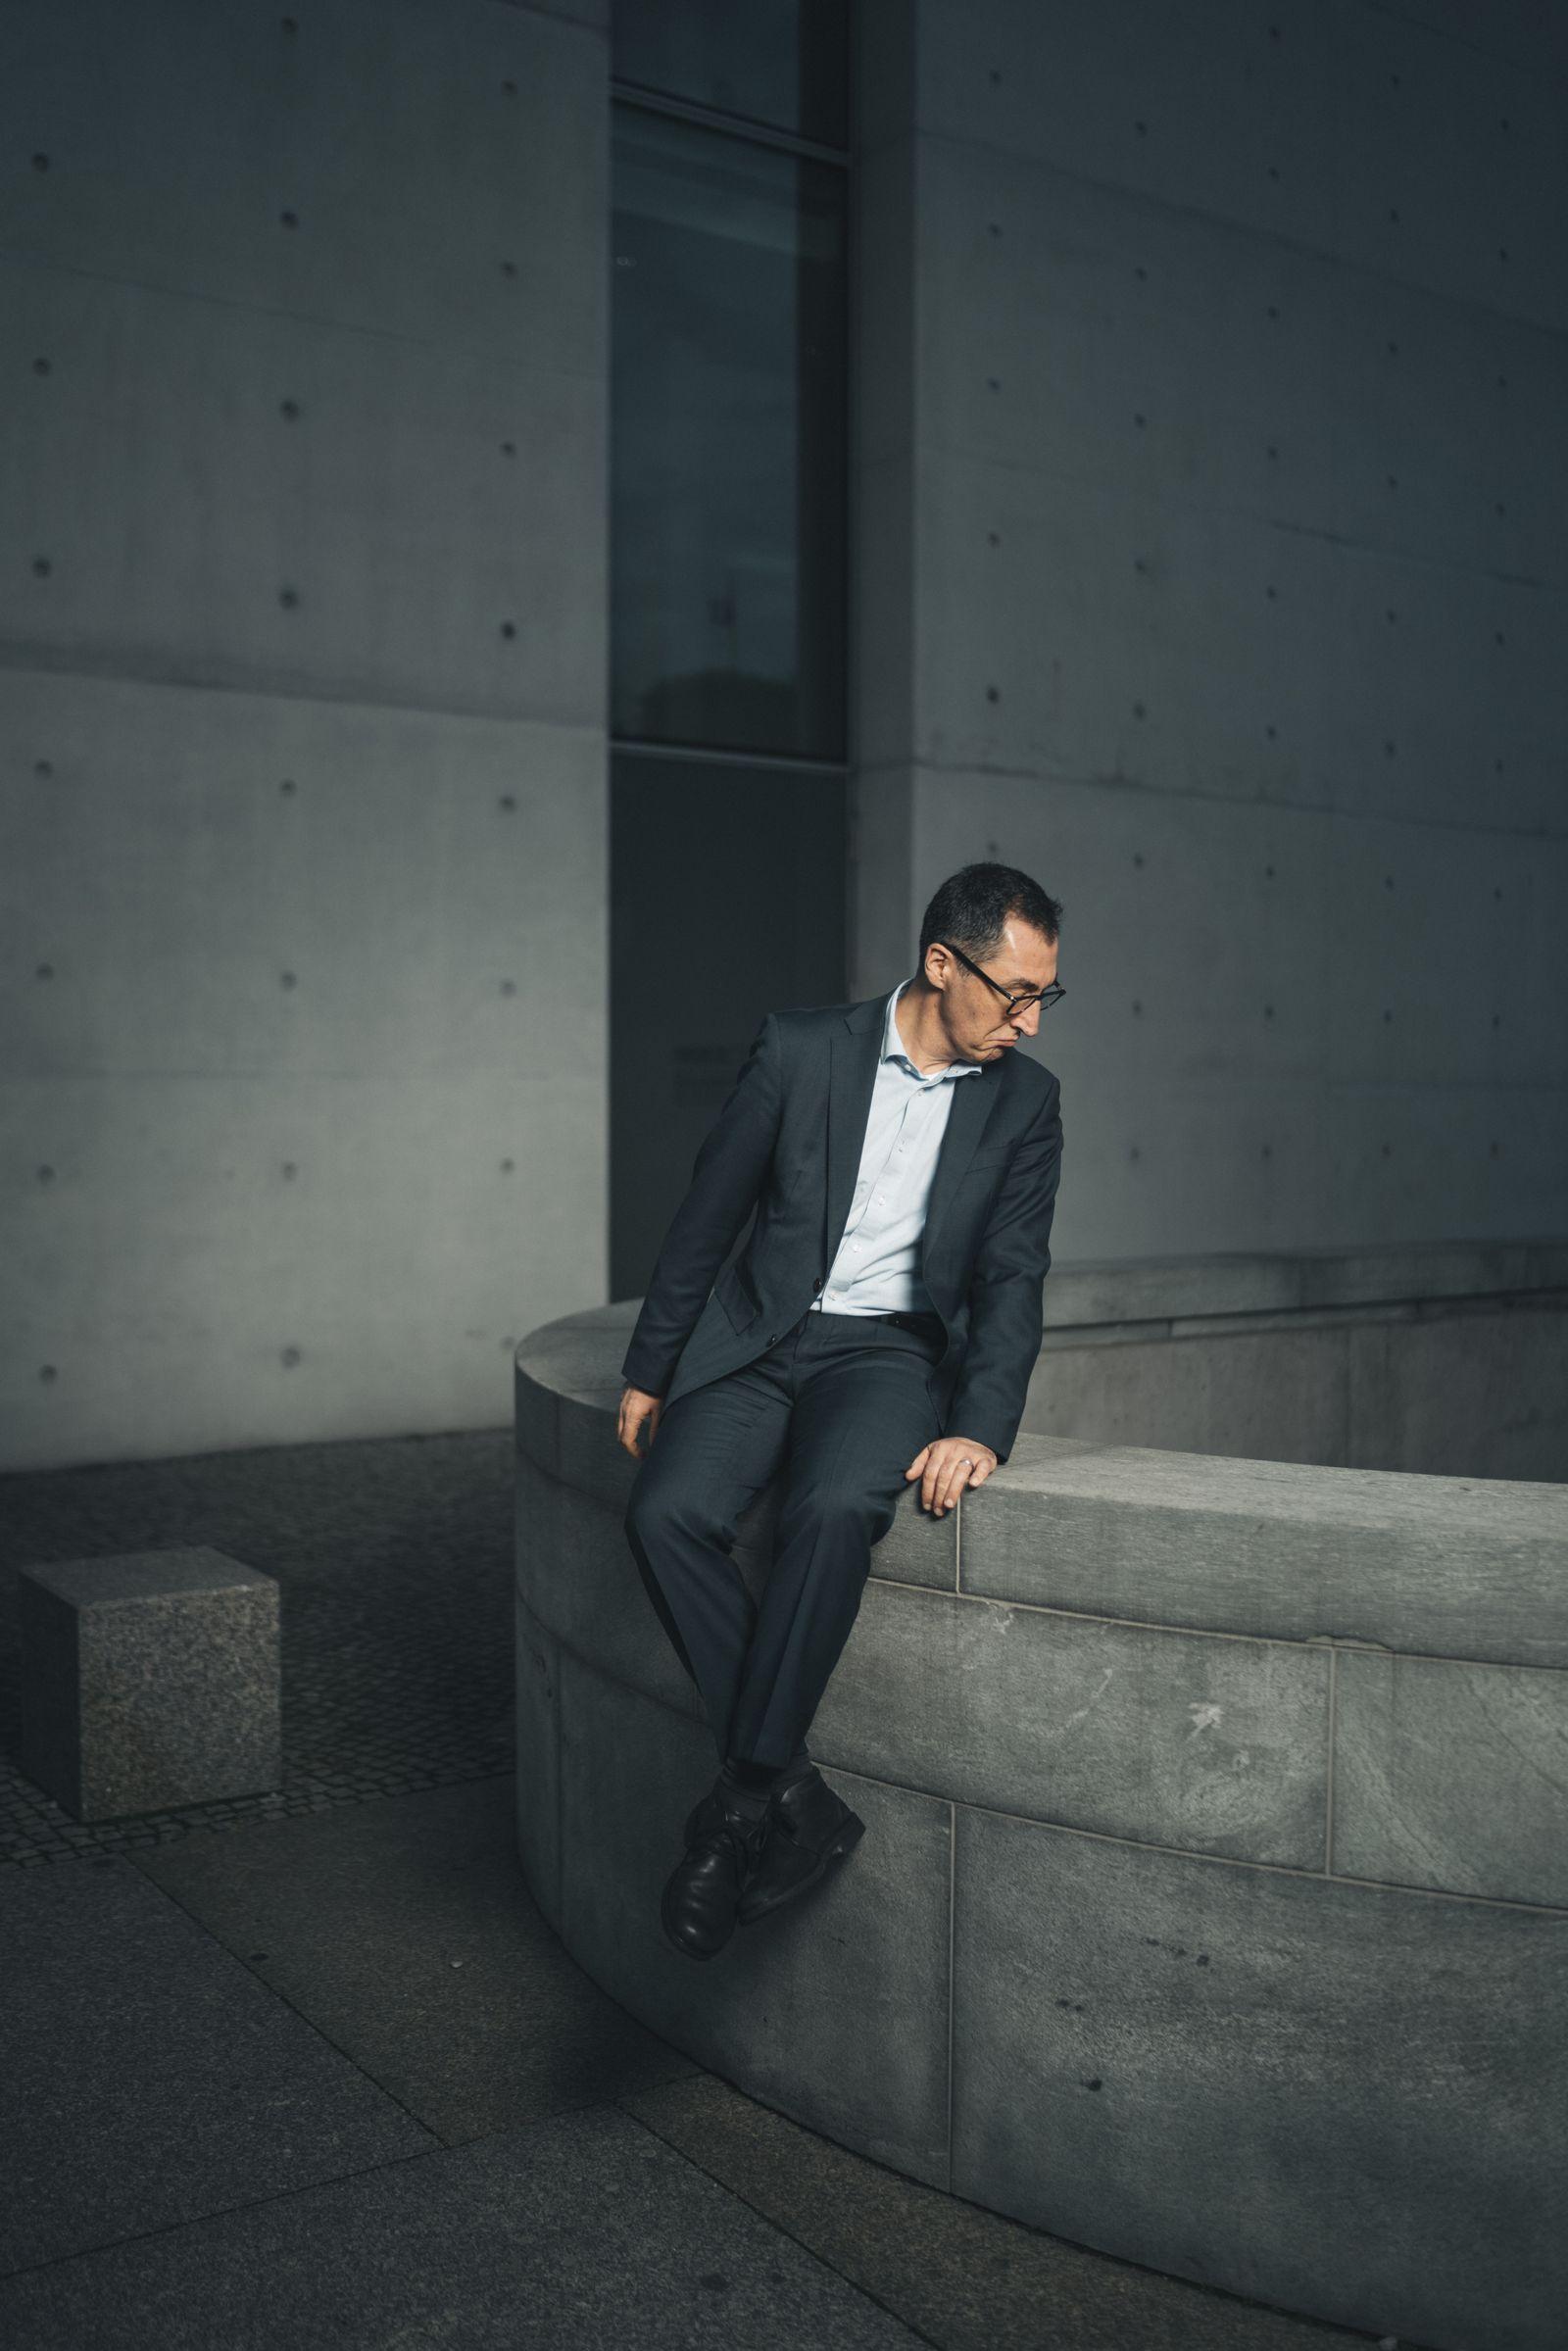 Cem Özdemir, Politiker und MdB (Bündnis 90/Die Grünen), im/am Paul-Löbe-Haus, Berlin